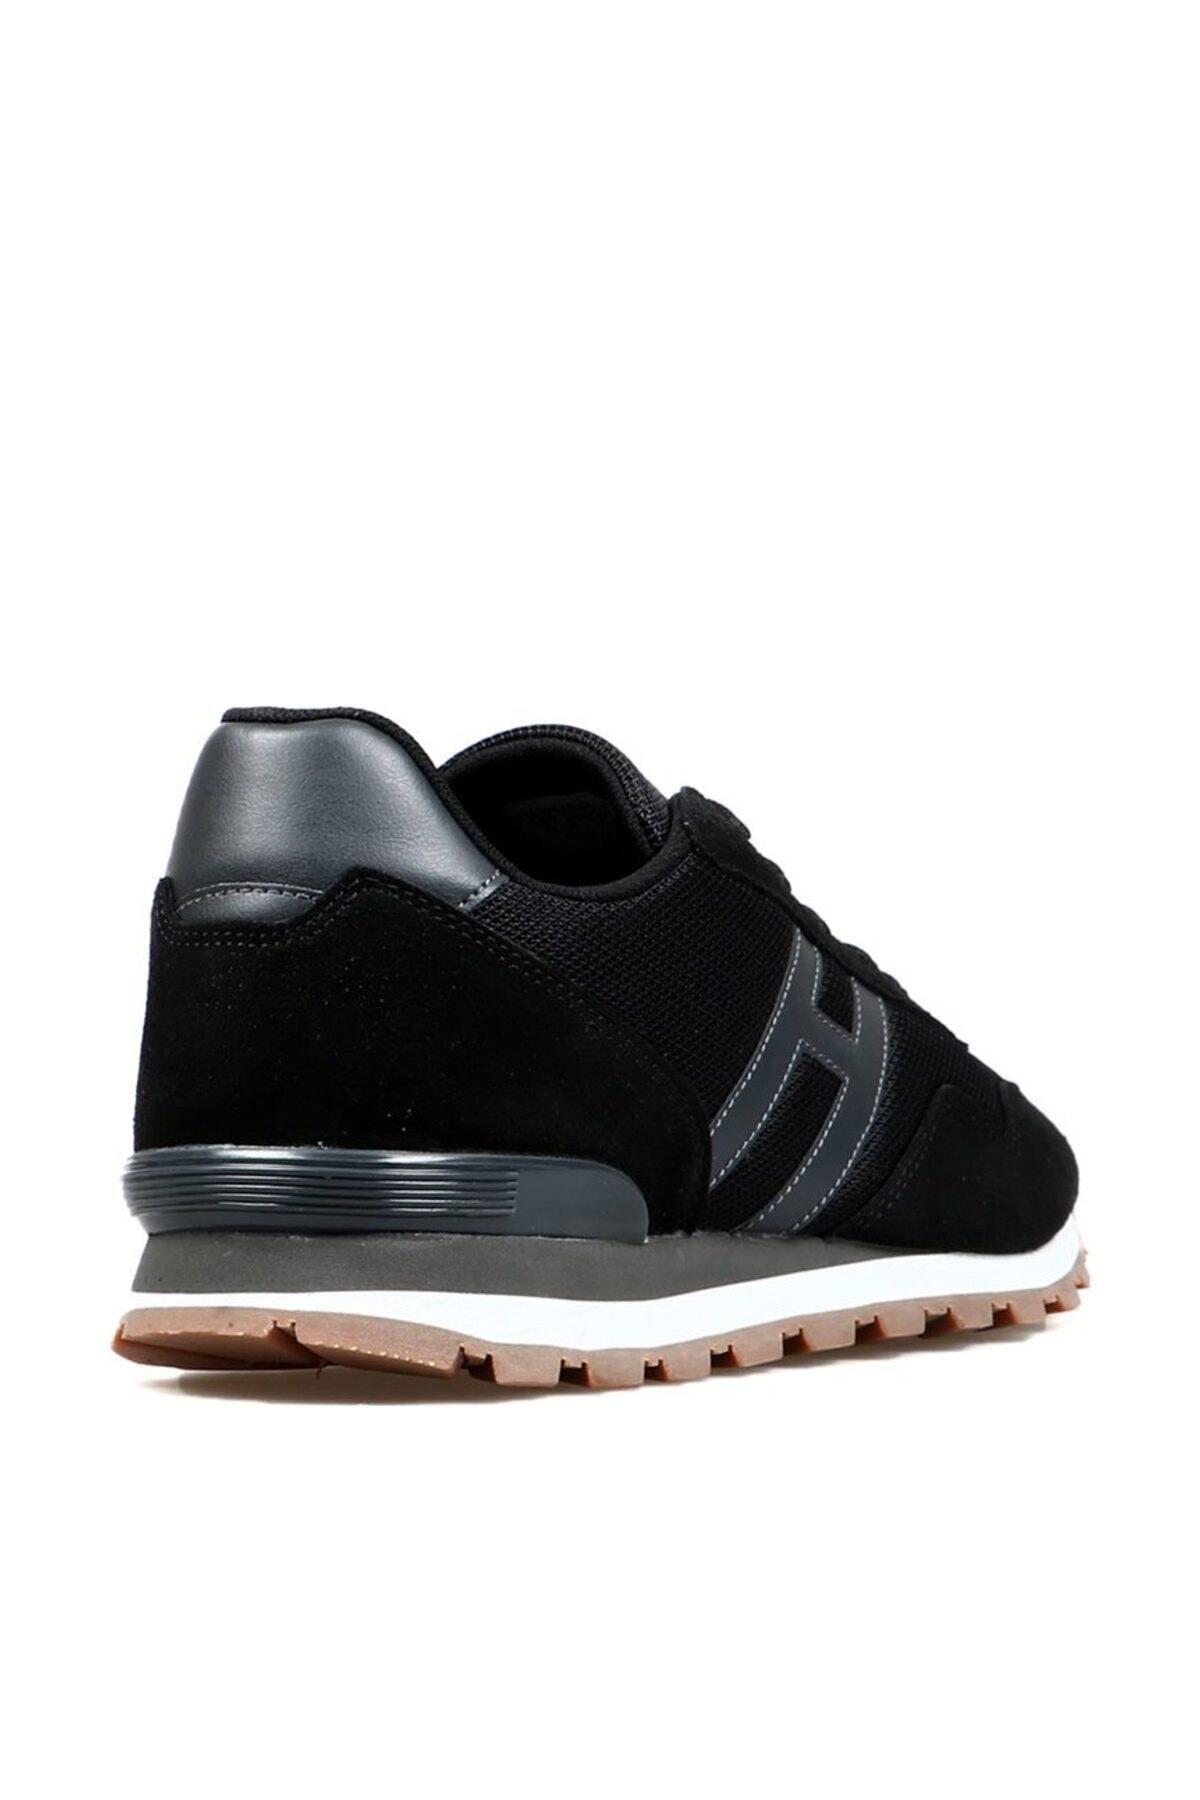 Hammer Jack Belarus Hakiki Deri Siyah-füme Erkek Ayakkabı 101 20028-m 1